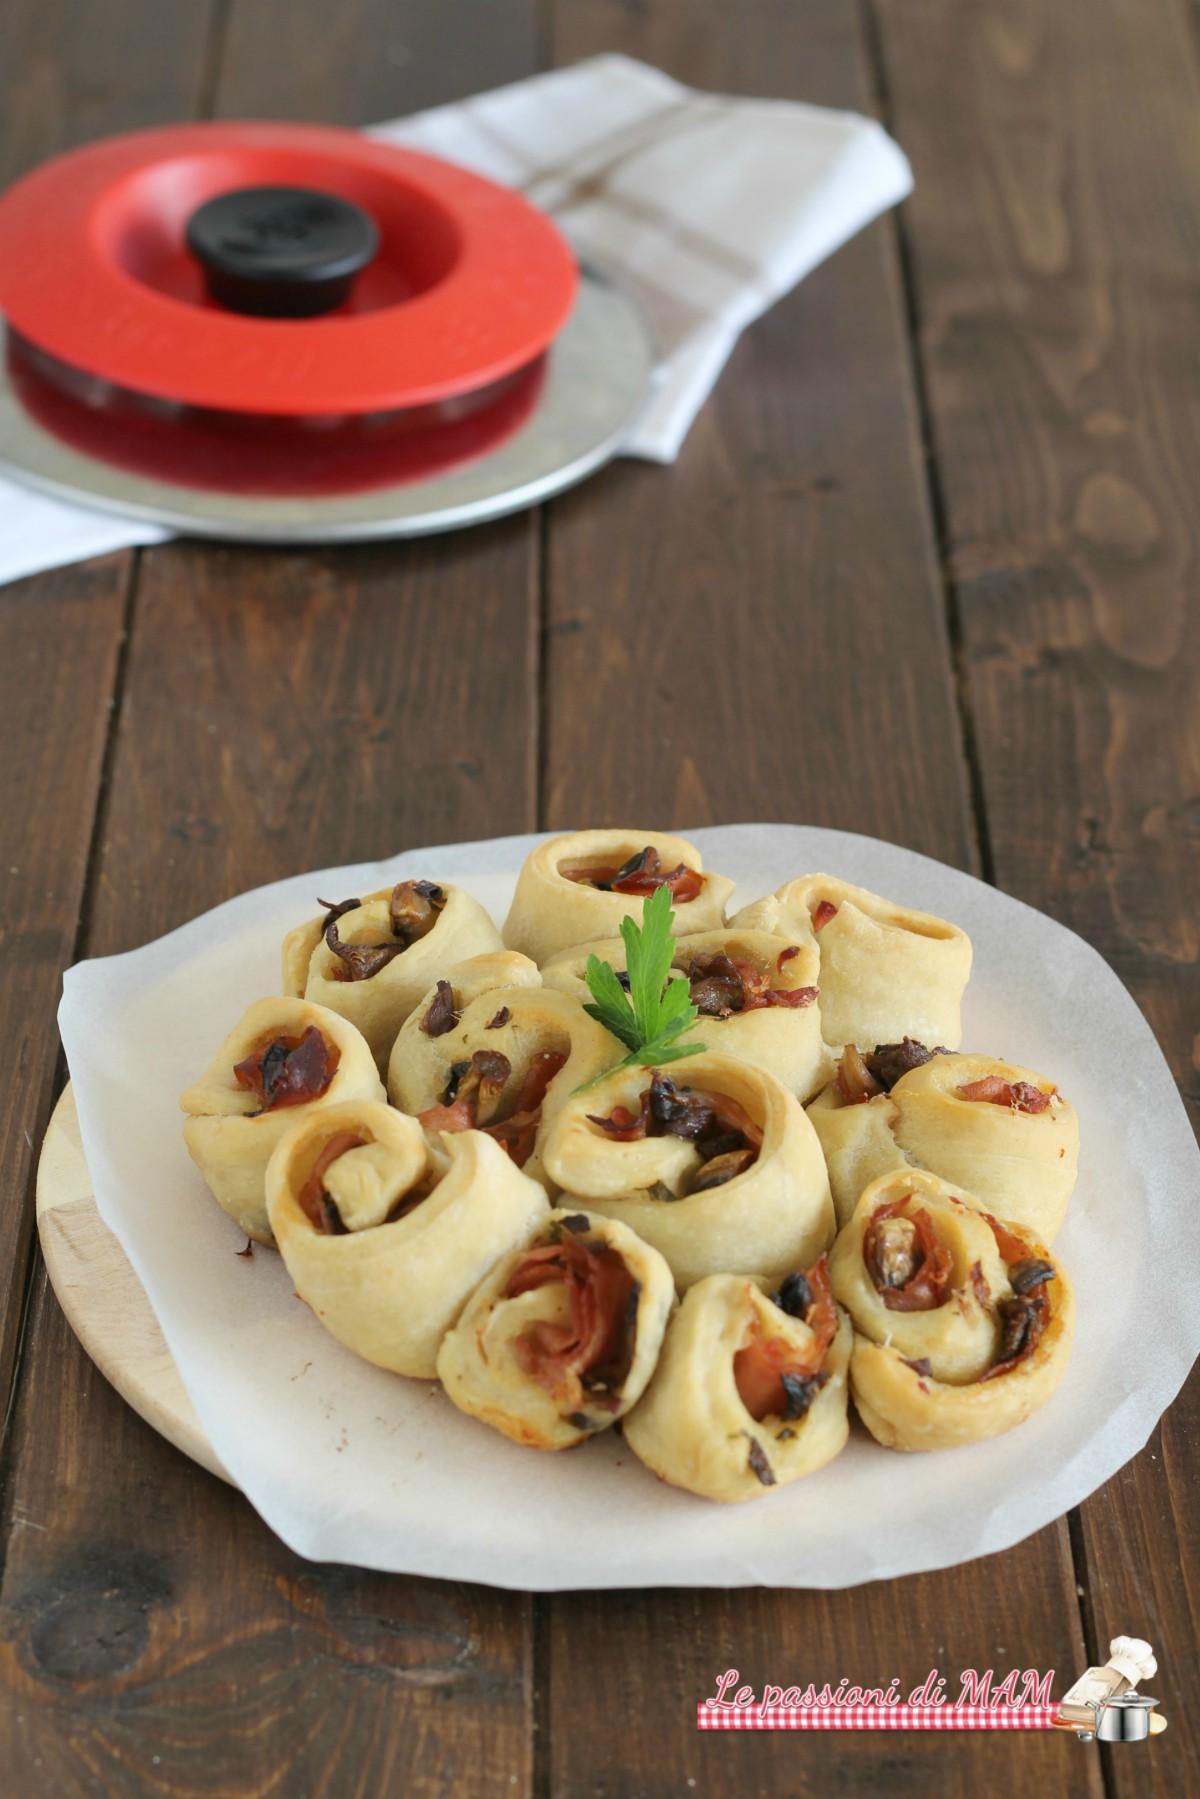 Ricette per dolci con magic cooker ricette popolari for Ricette italiane dolci